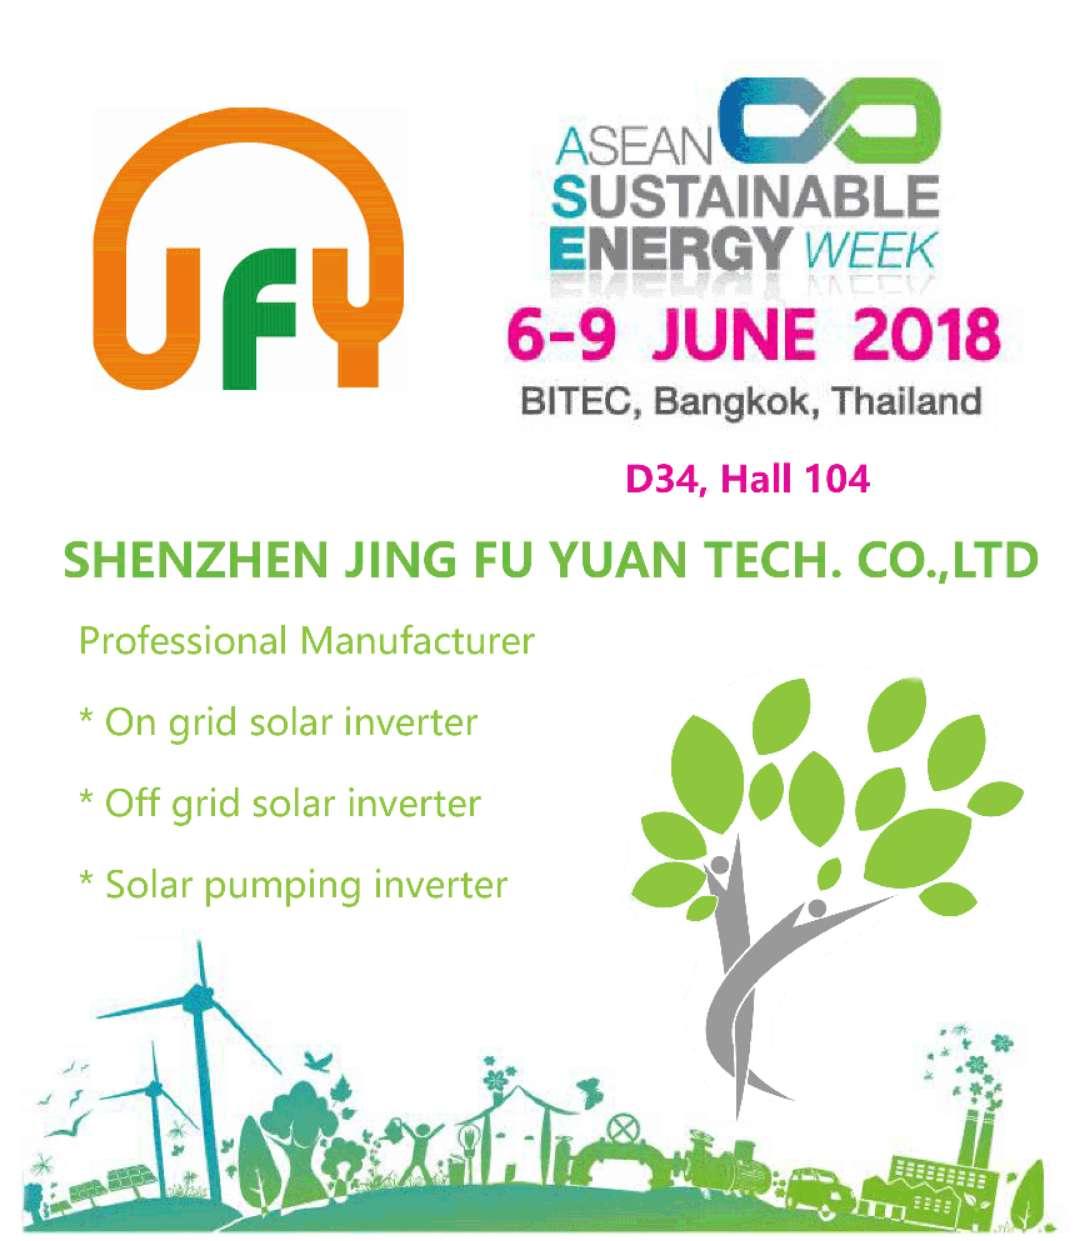 News Shenzhen Jingfuyuan Tech Co Ltd